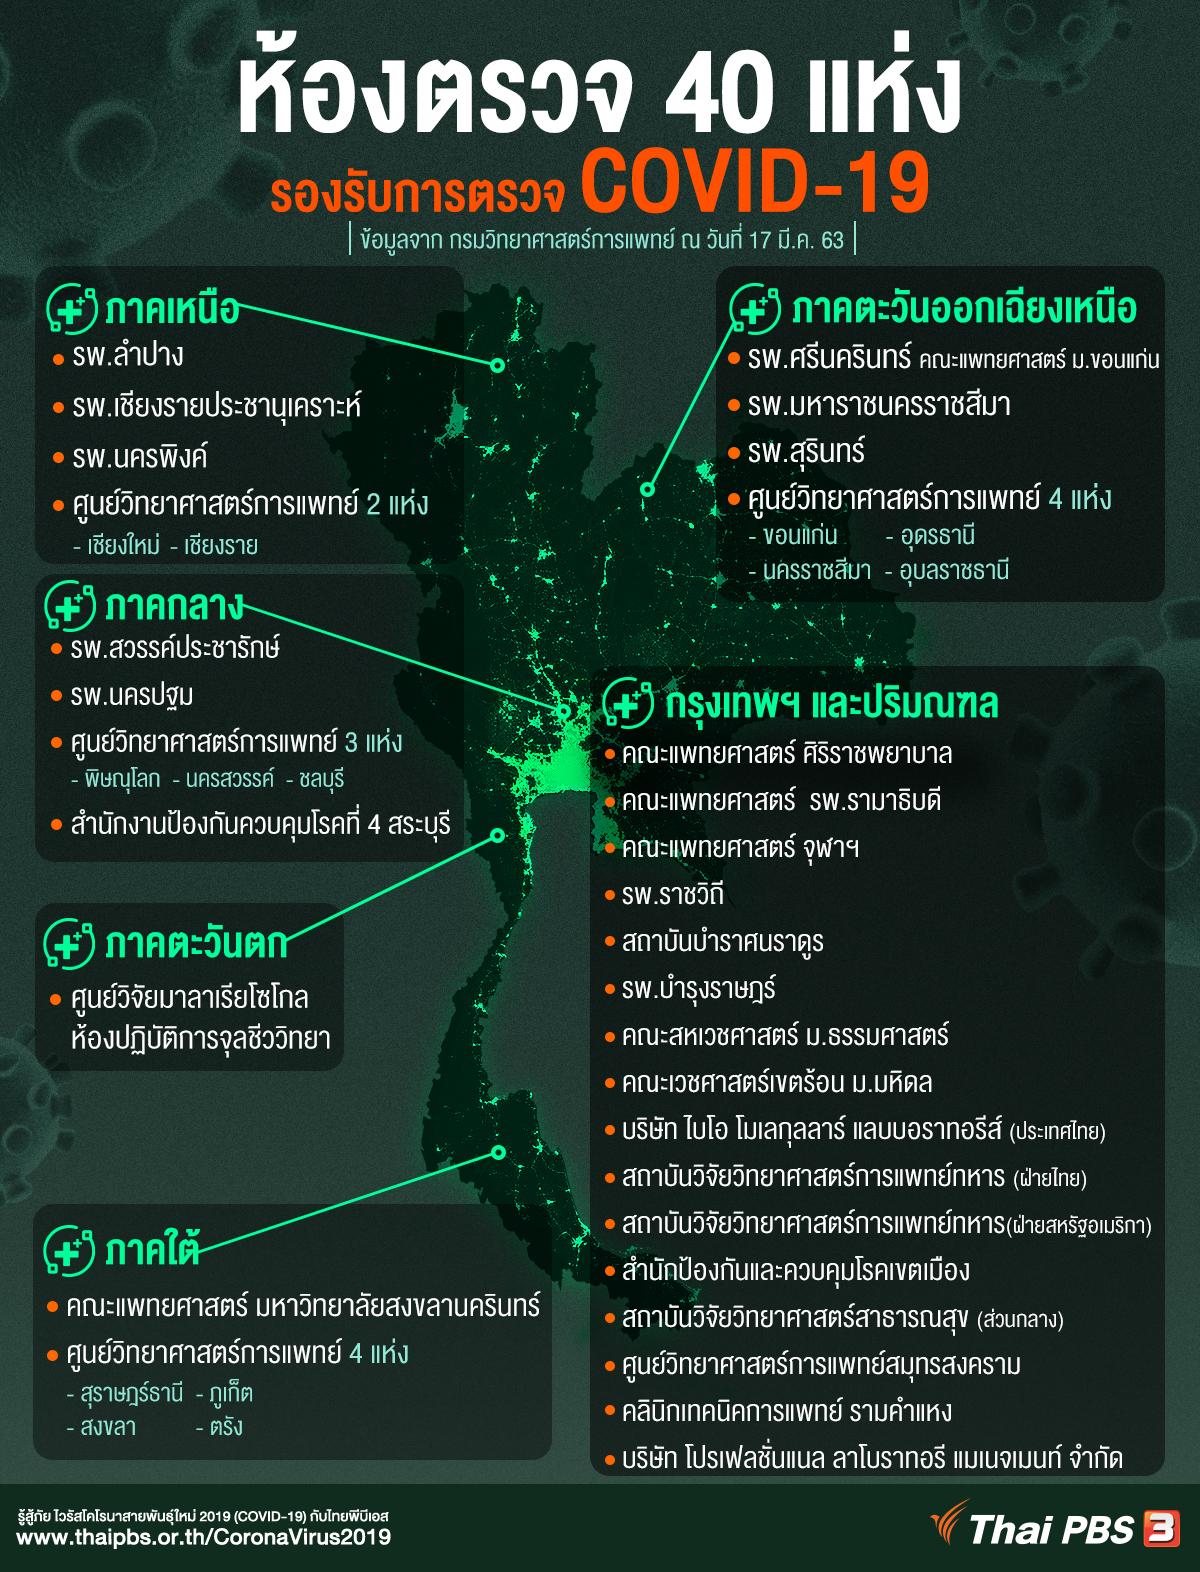 40 ห้องตรวจหาเชื้อ COVID-19